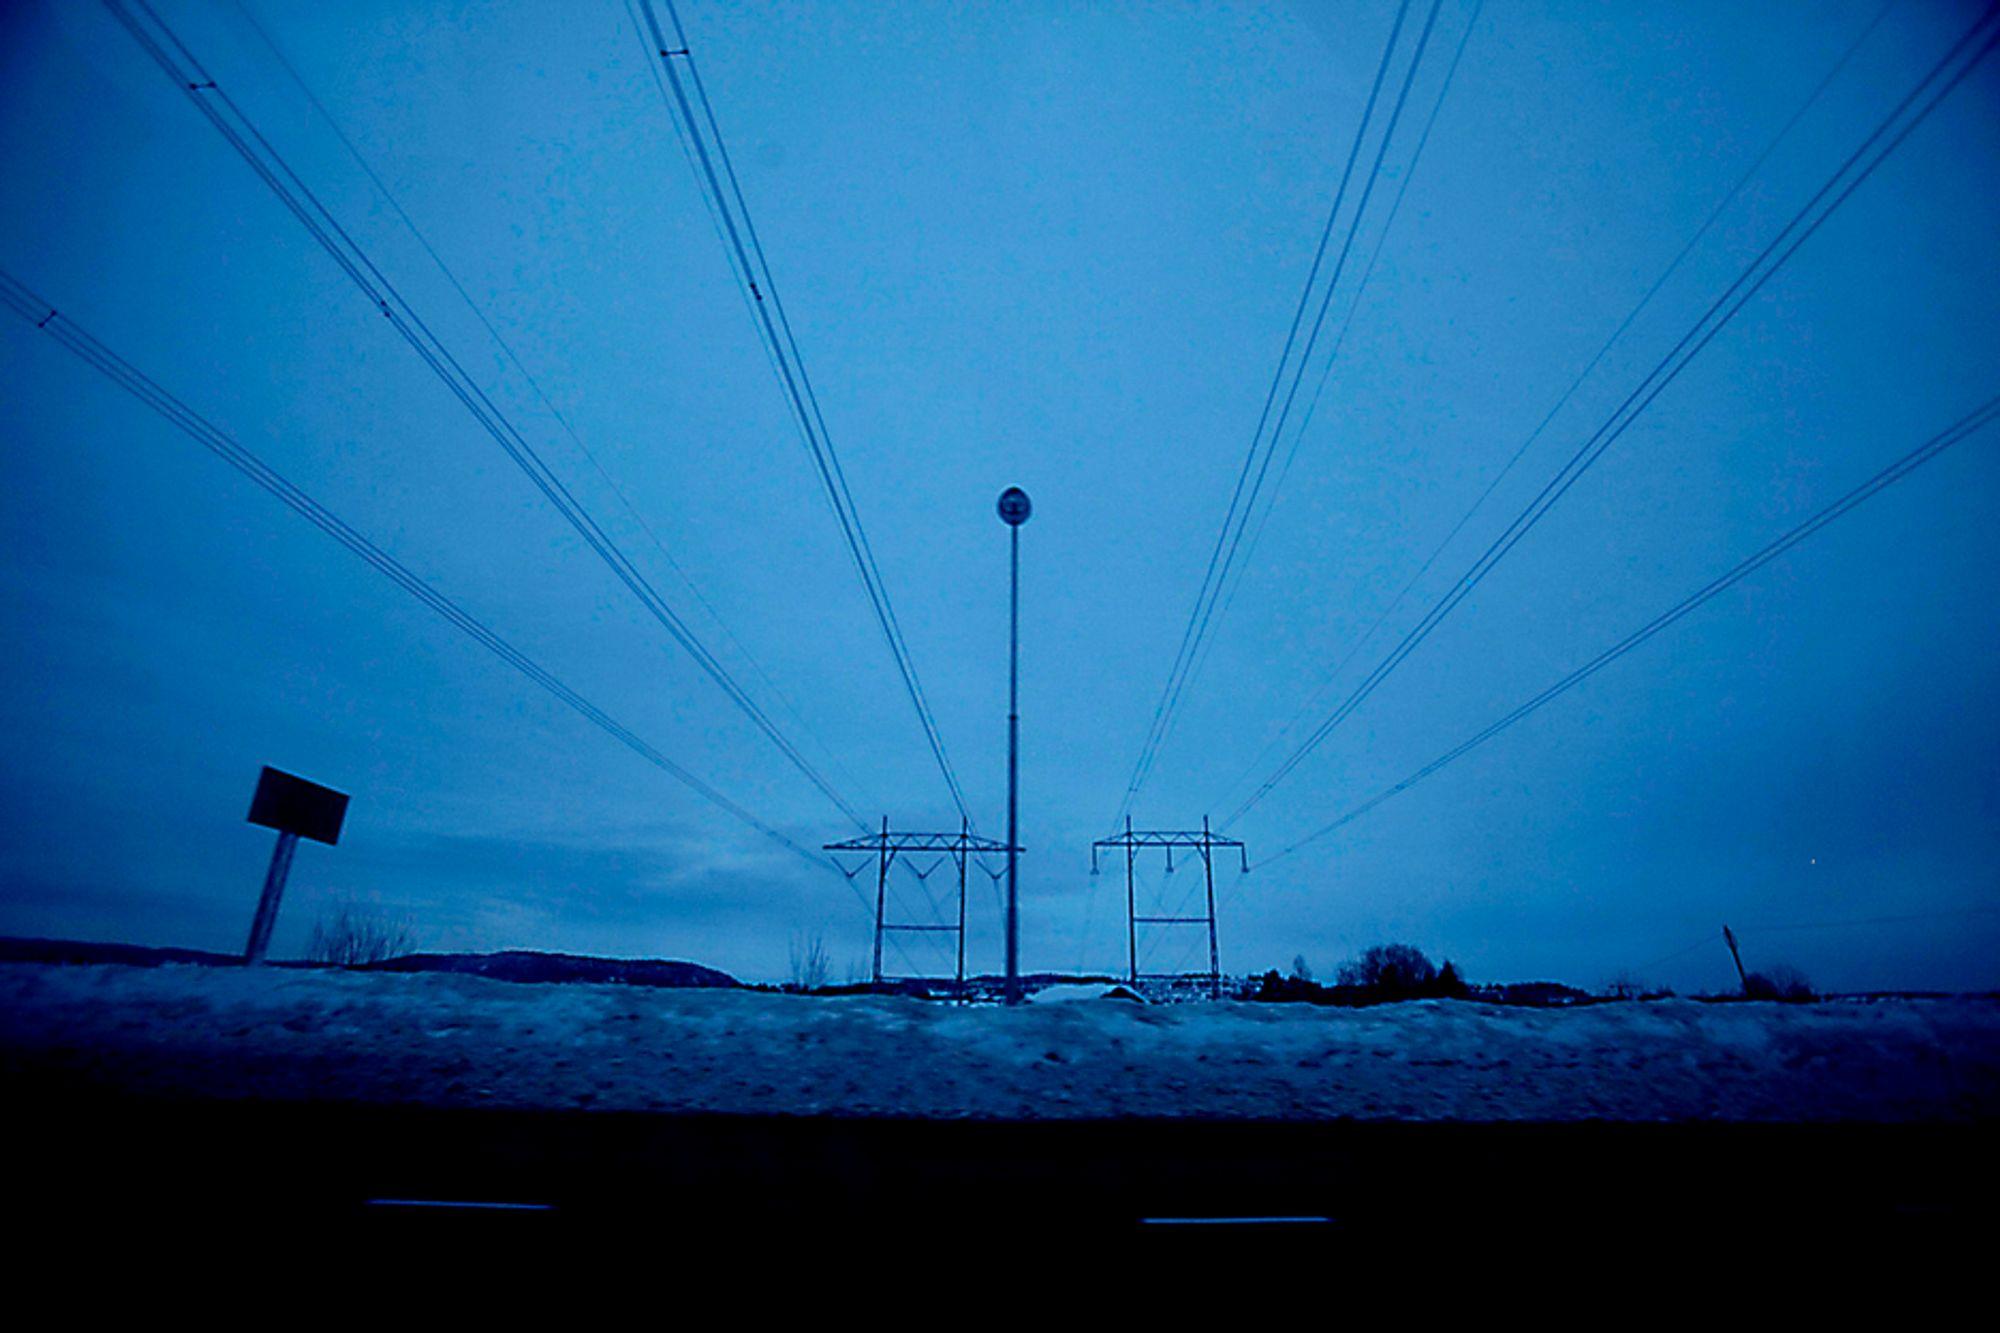 HISTORISK: Fyllingsgraden i norske vannmagasin er lav, og kraftprisene vil denne vinteren sannsynligvis holde seg på et historisk høyt nivå. Det betyr at det nå er ekstra viktig med god informasjon til strømkundene, skriver NVE.